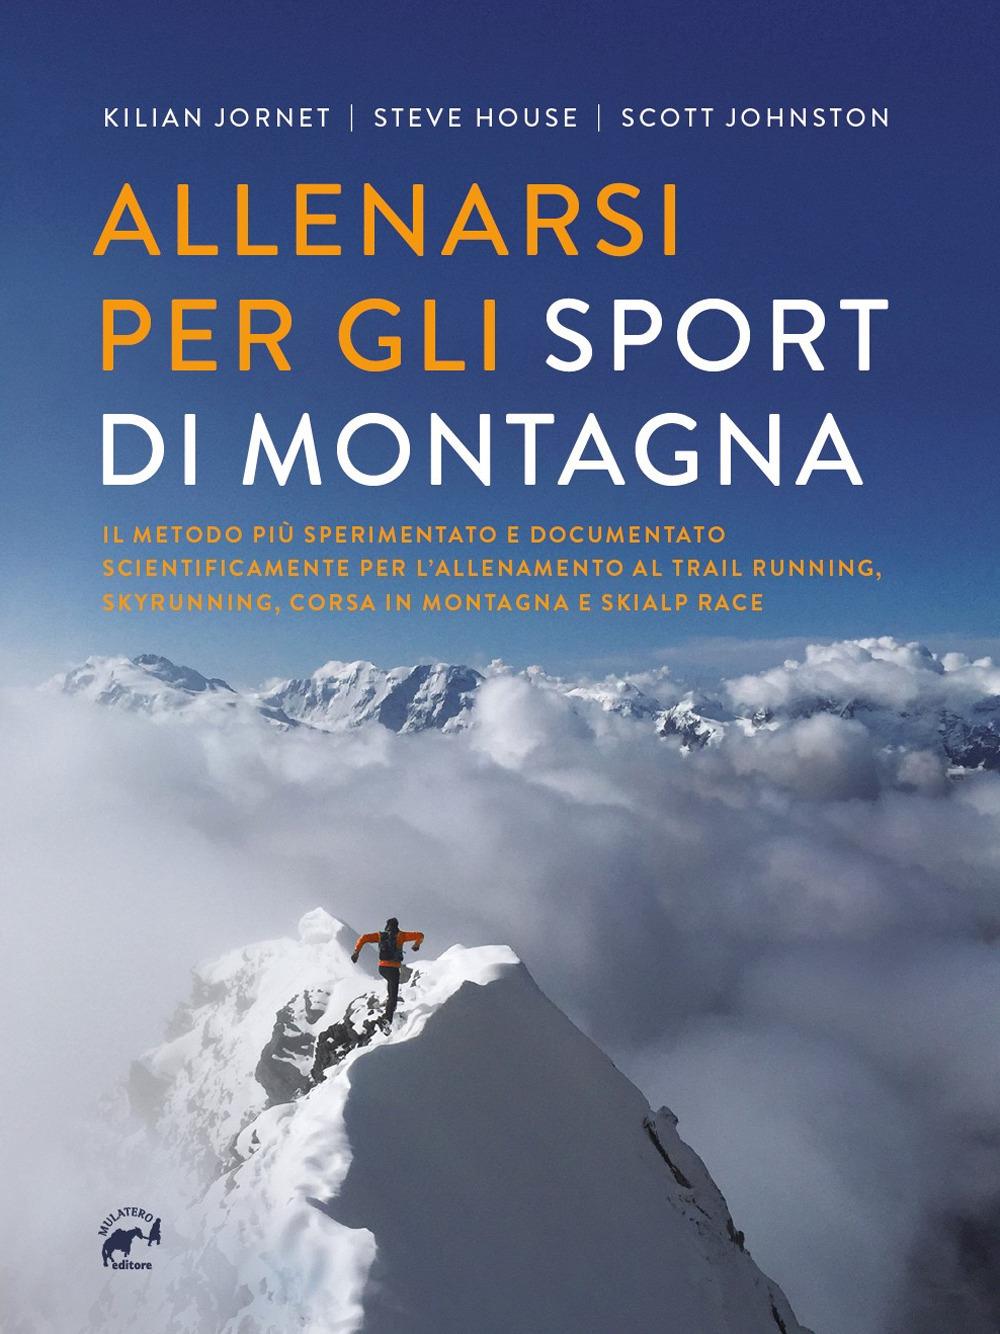 Allenarsi per gli sport di montagna